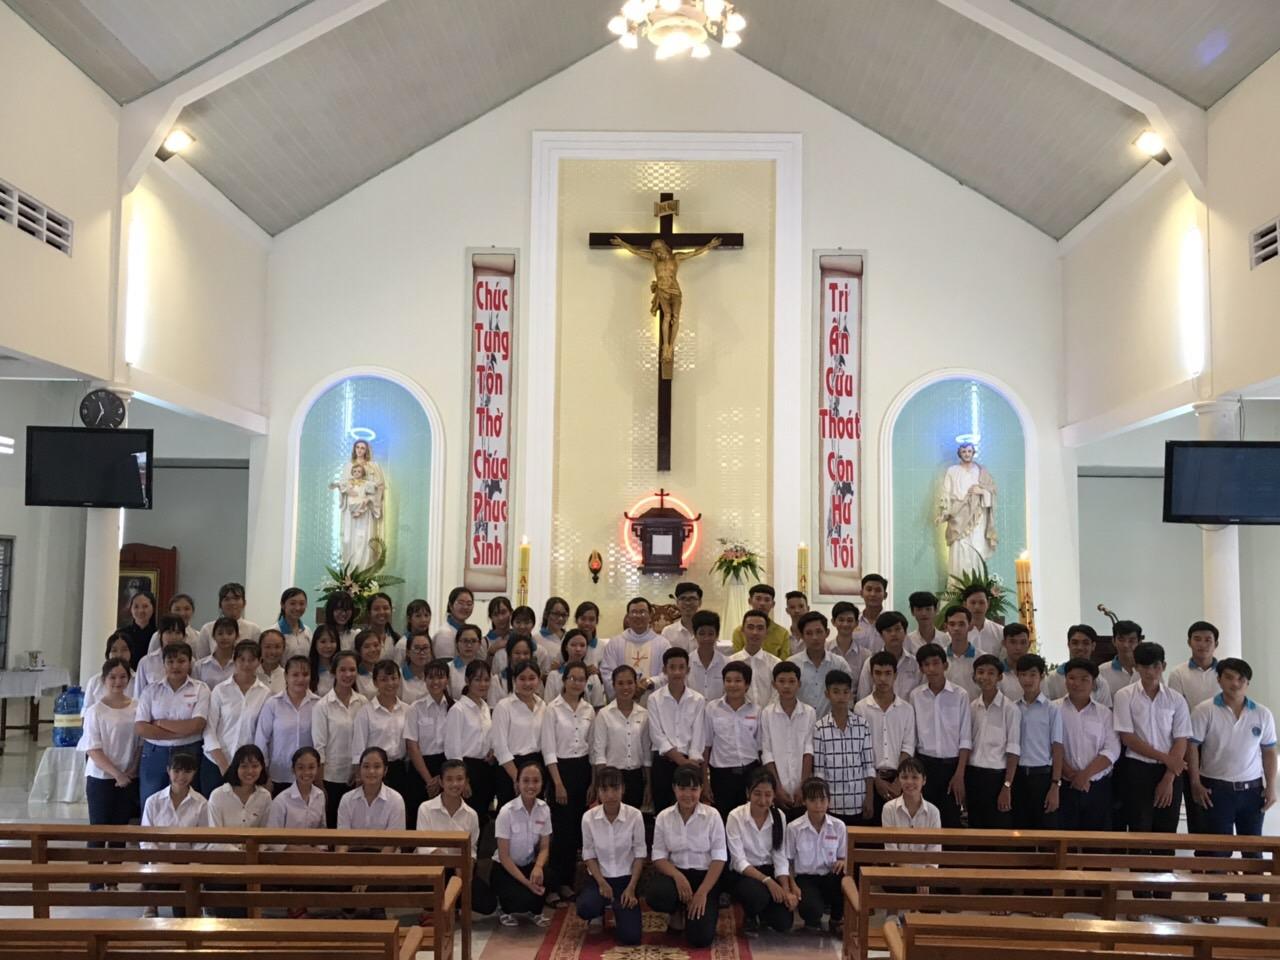 Họ Đạo Đức Mỹ: Người trẻ sống đức tin và chứng nhân Chúa Kitô thời đại công nghệ 4.0